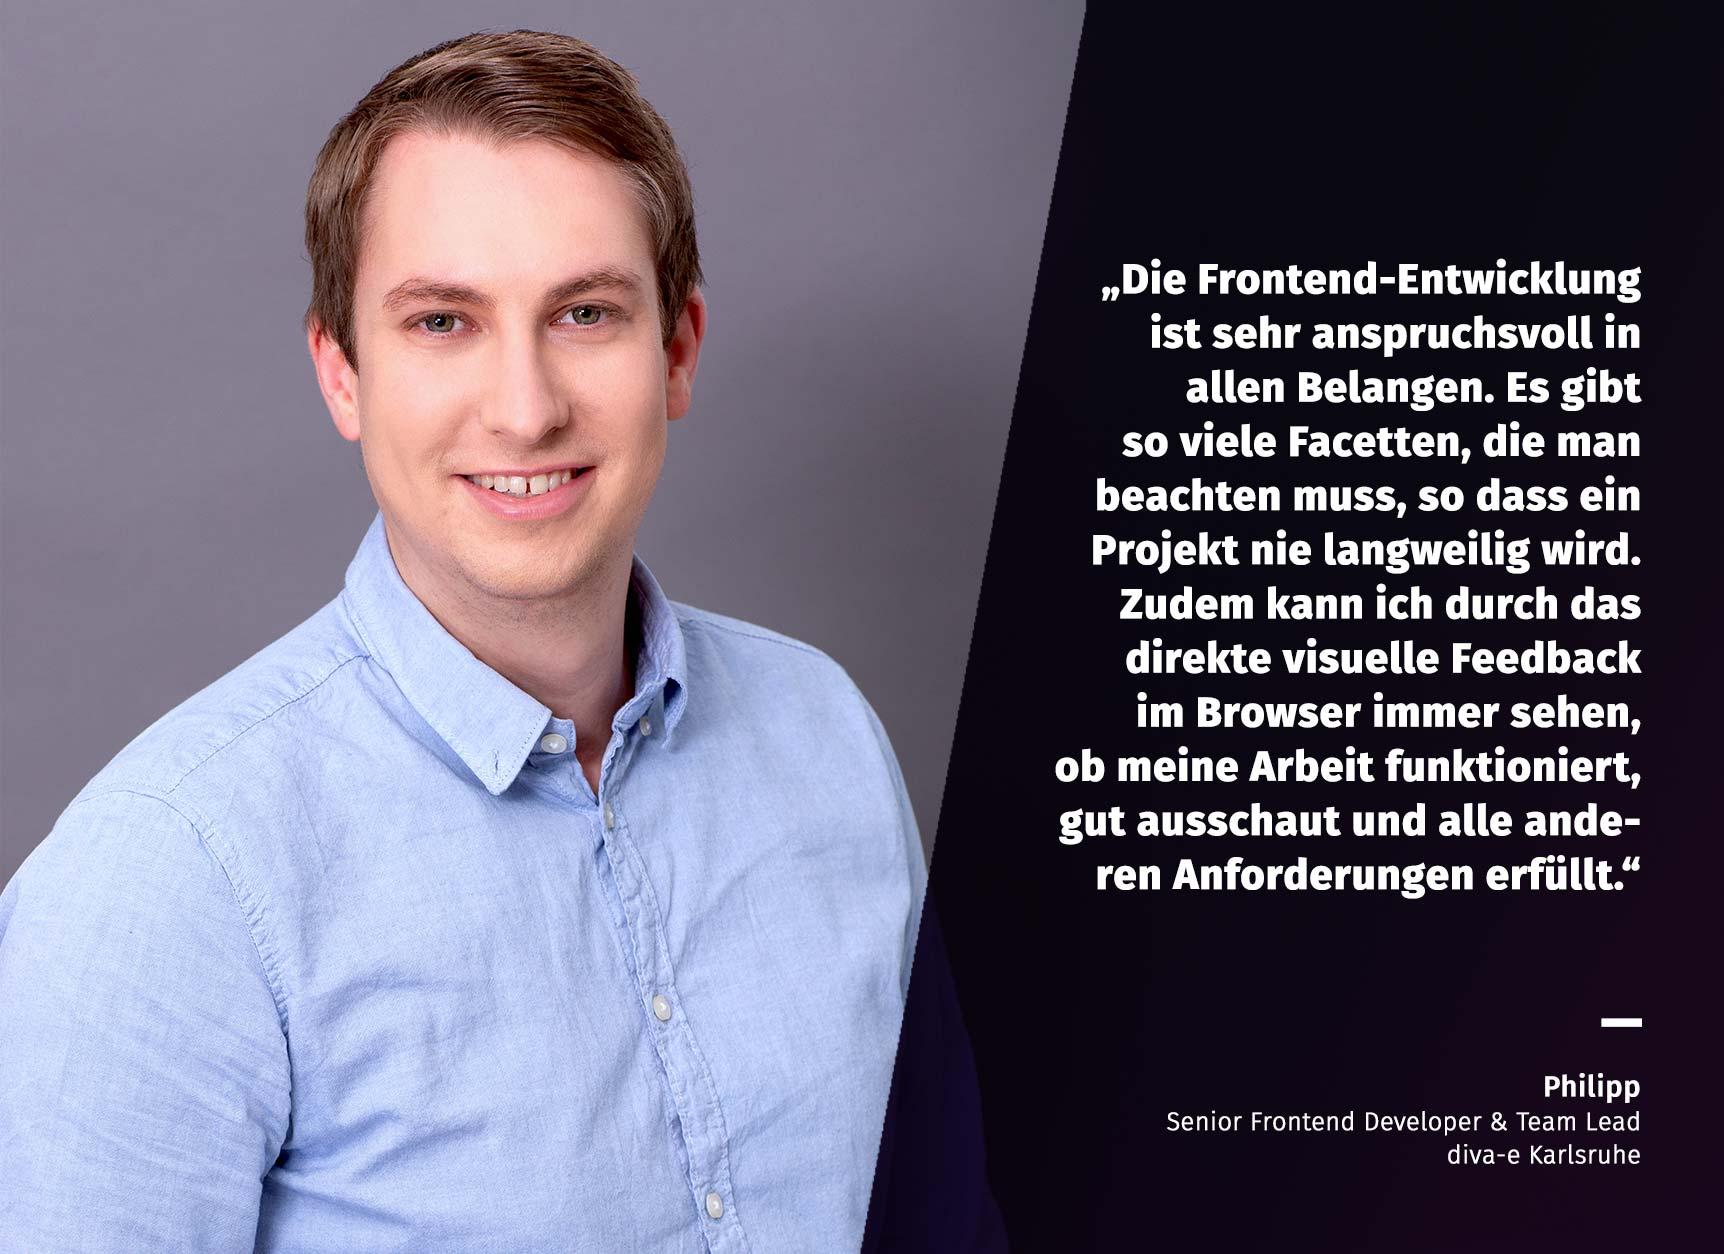 Unsere TXP-Stars stellen sich vor: Philipp, Senior Software Developer & Team Lead, Karlsruhe